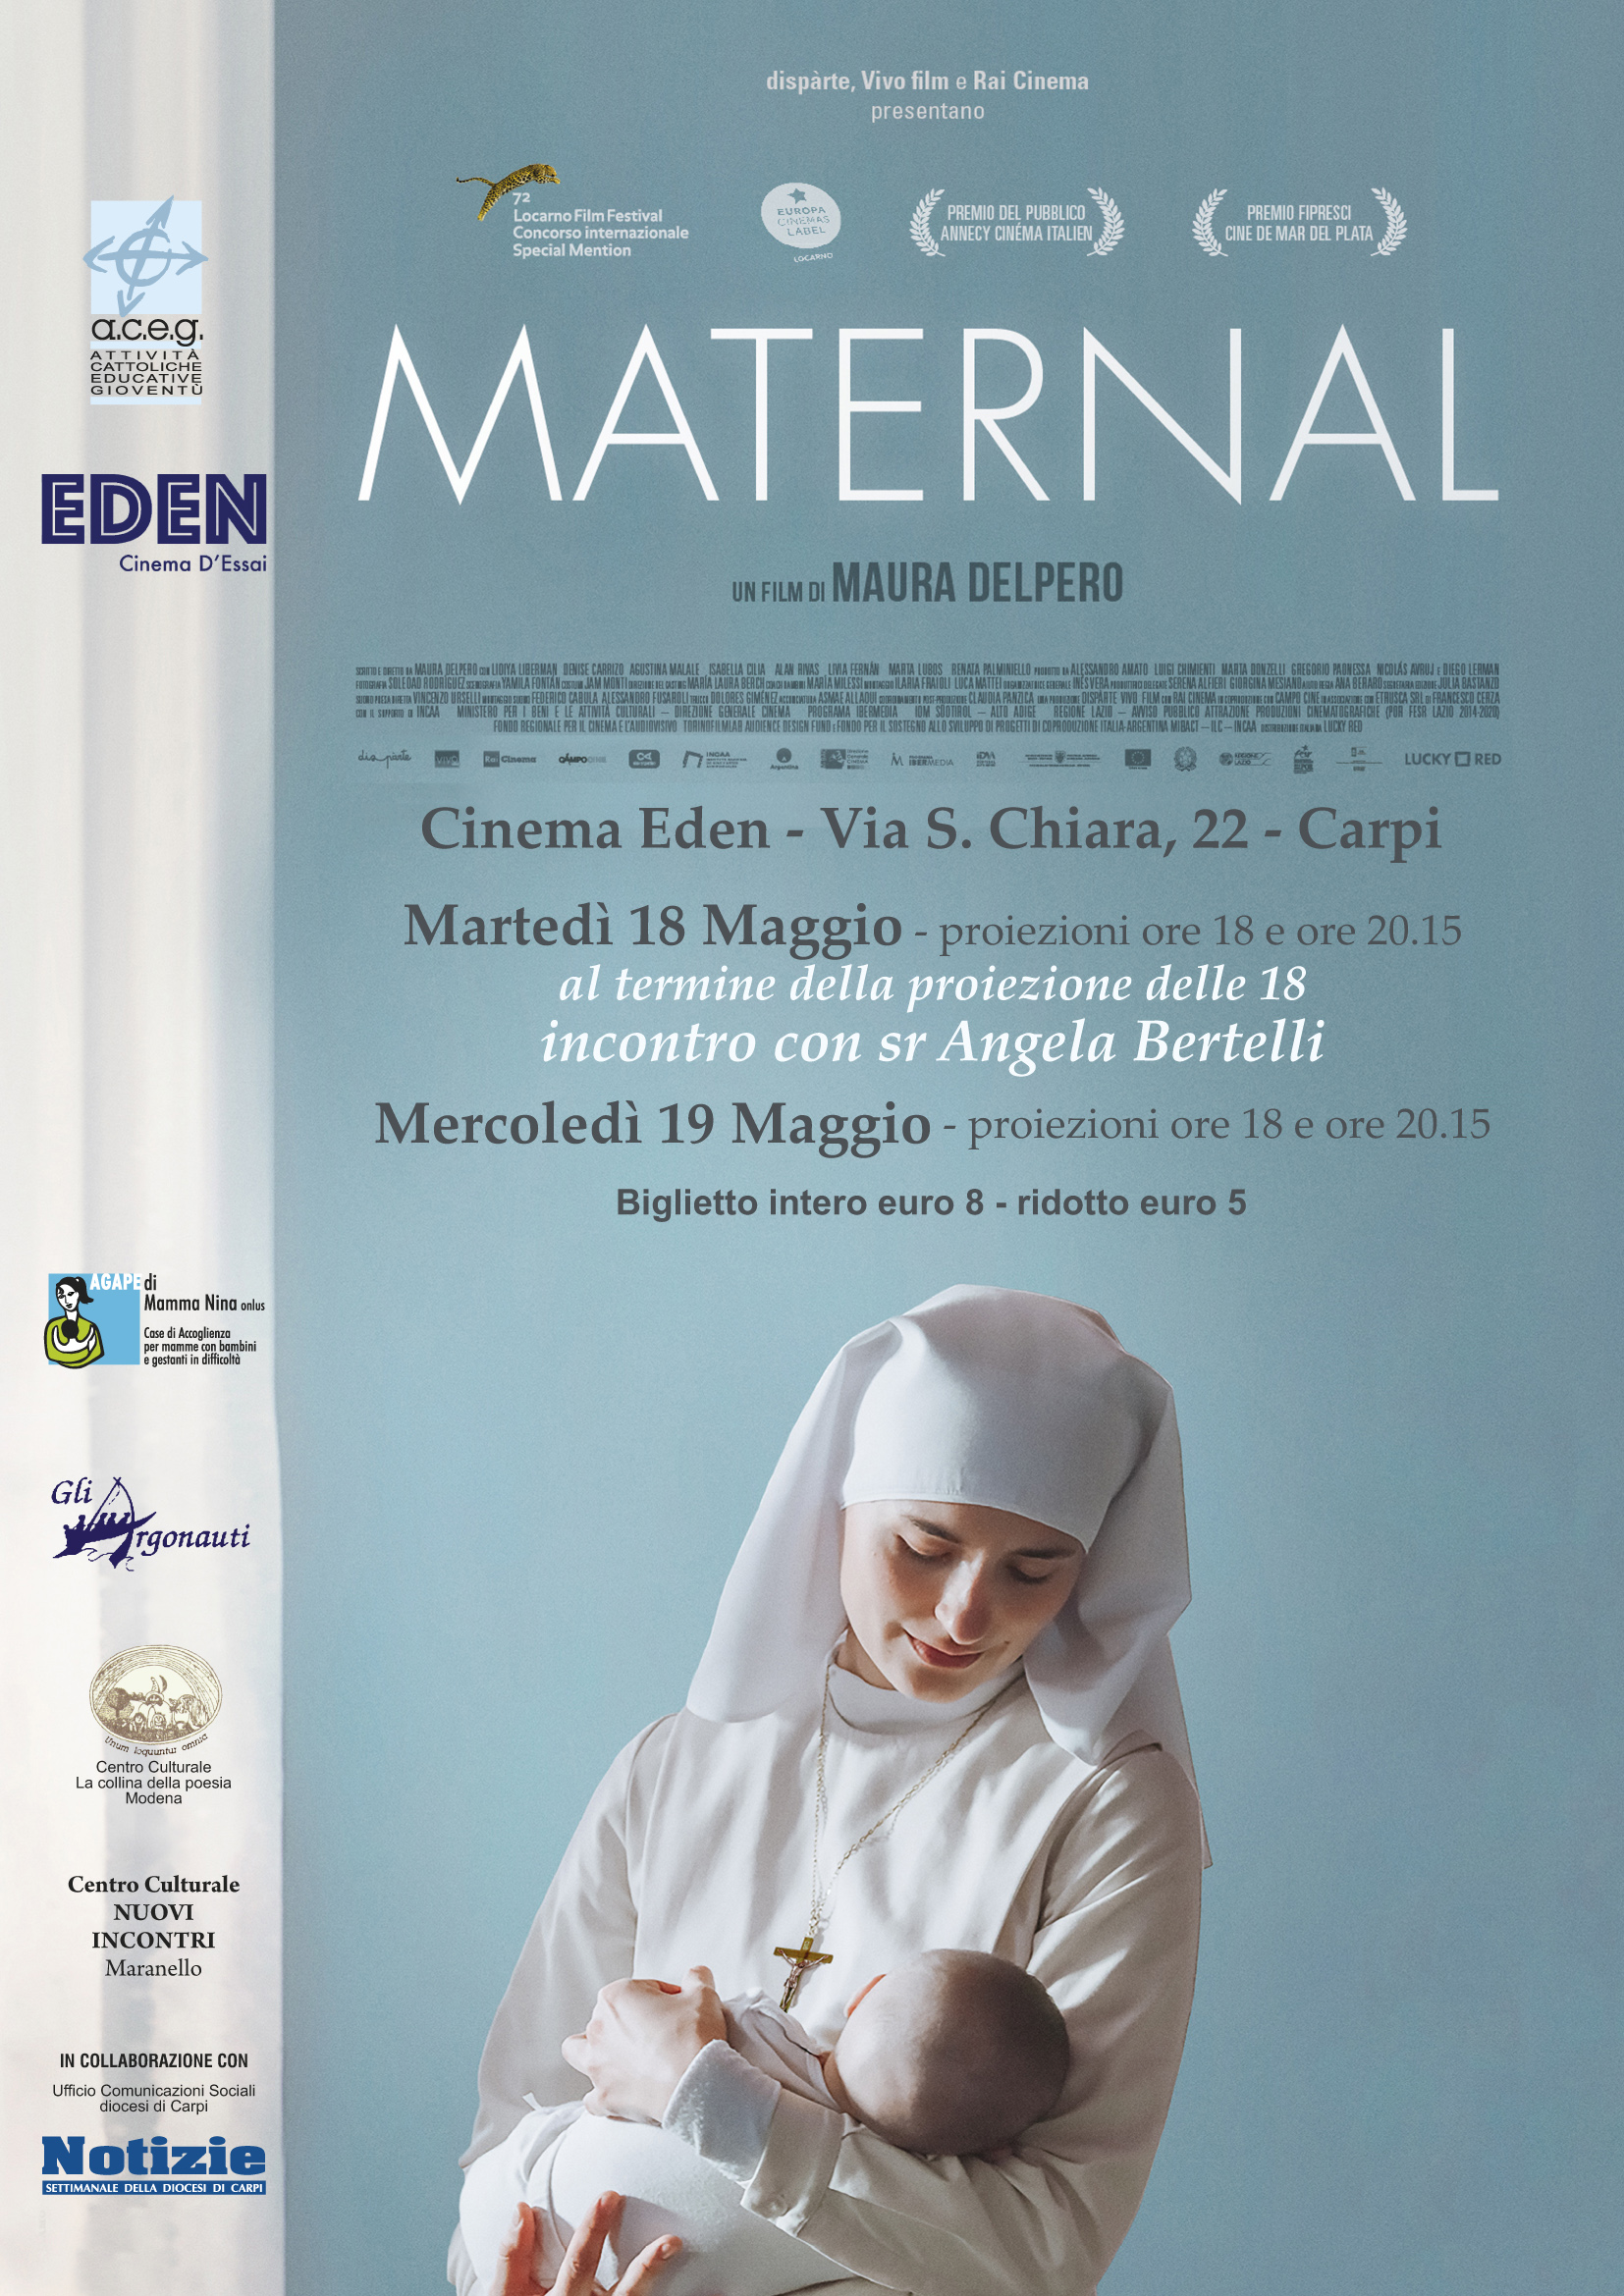 Il 18 e 19 maggio al cinema Eden il film MATERNAL